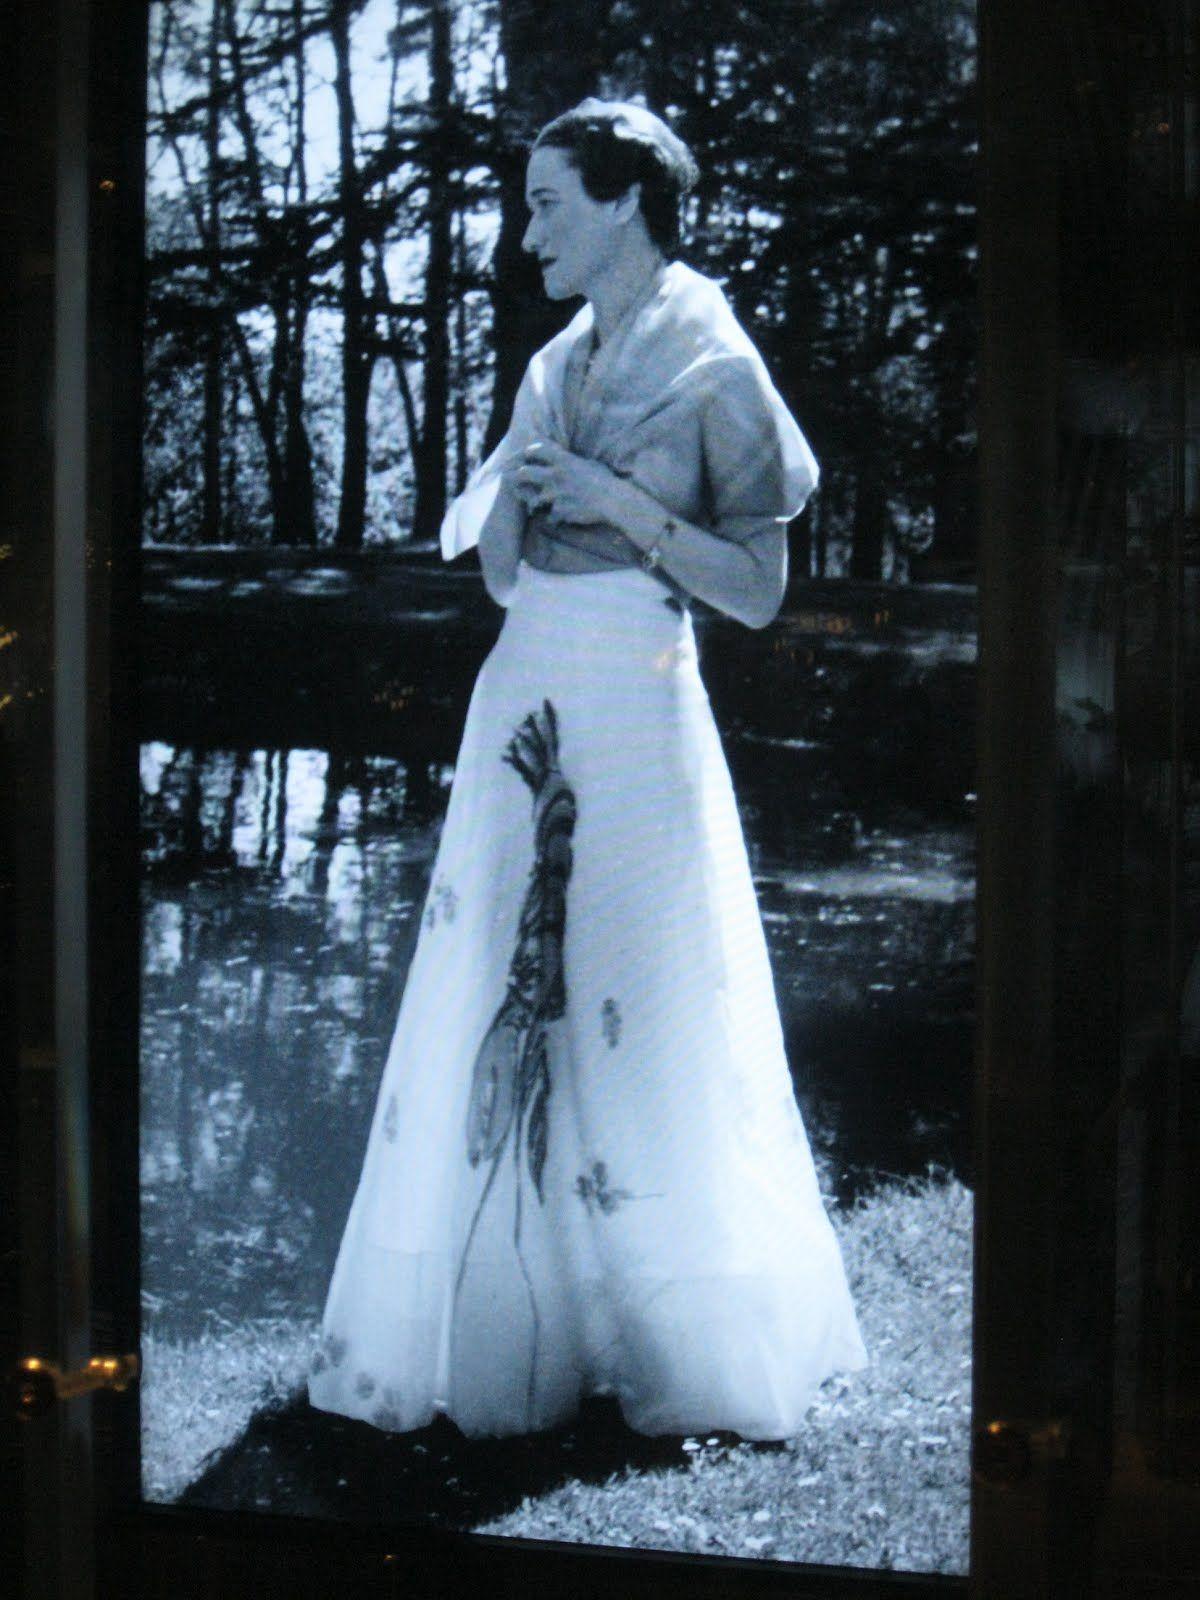 Wallis simpson wedding dress  Wallis days before she married Edward in  in Scu  u stuff of